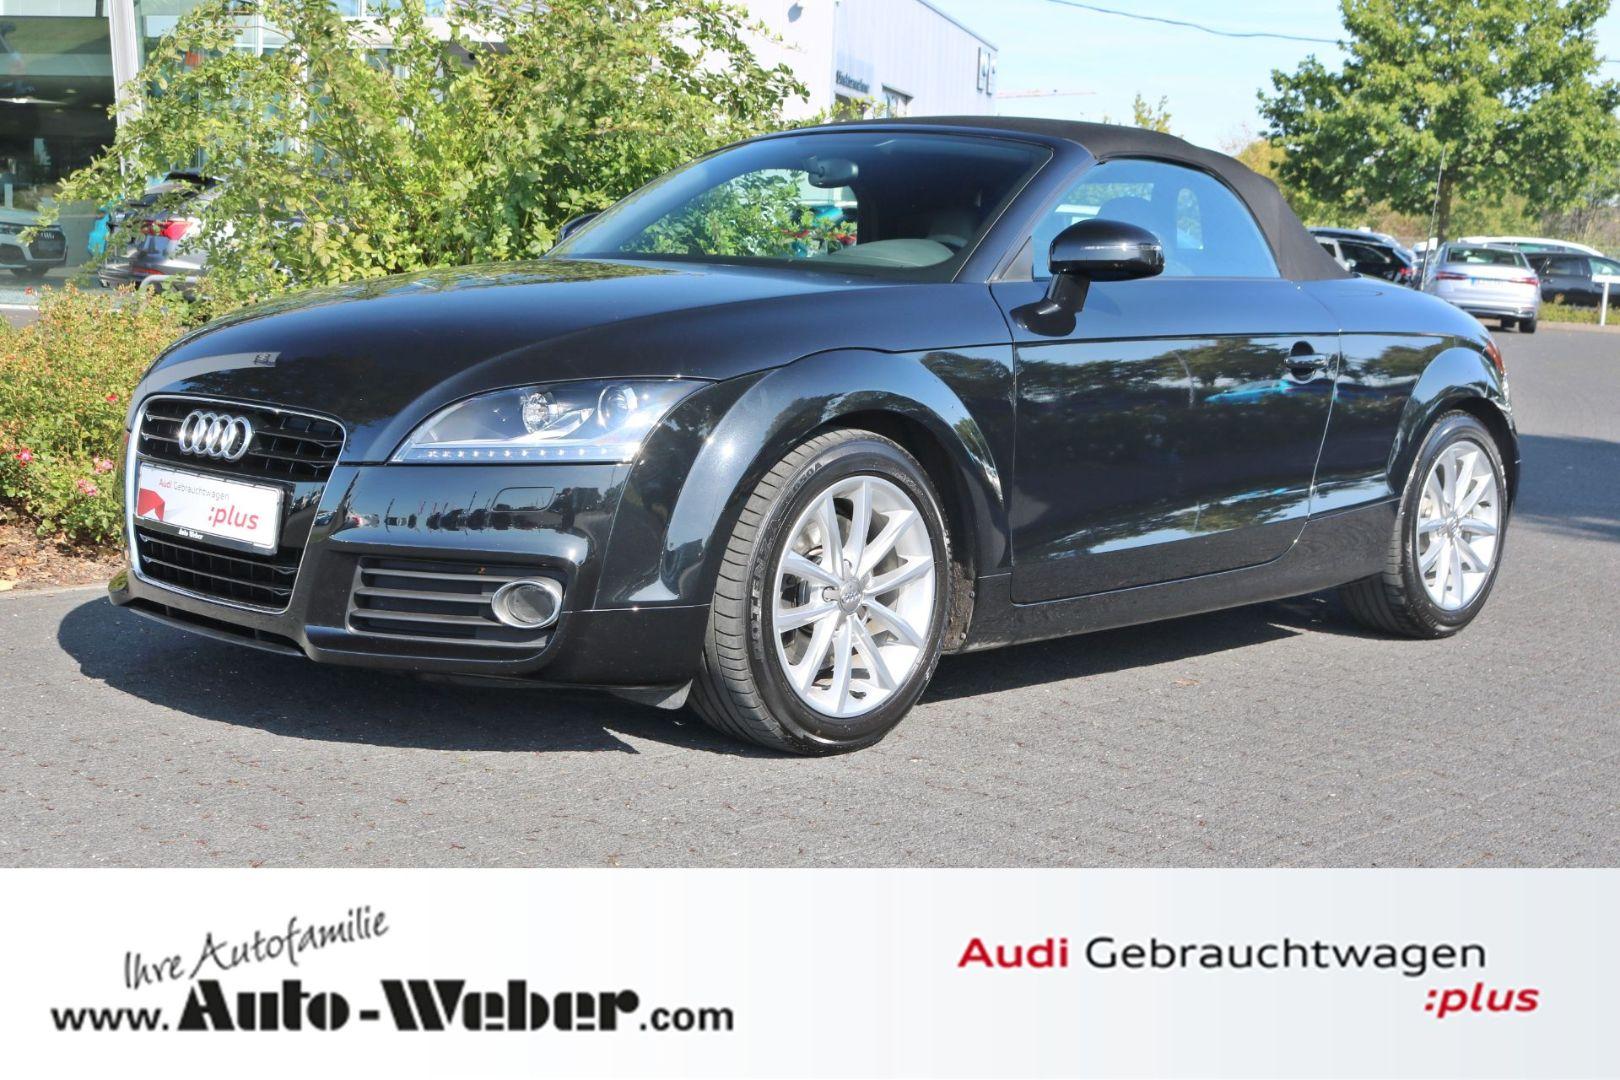 Audi TT Roadster 1.8TFSI, Jahr 2012, petrol